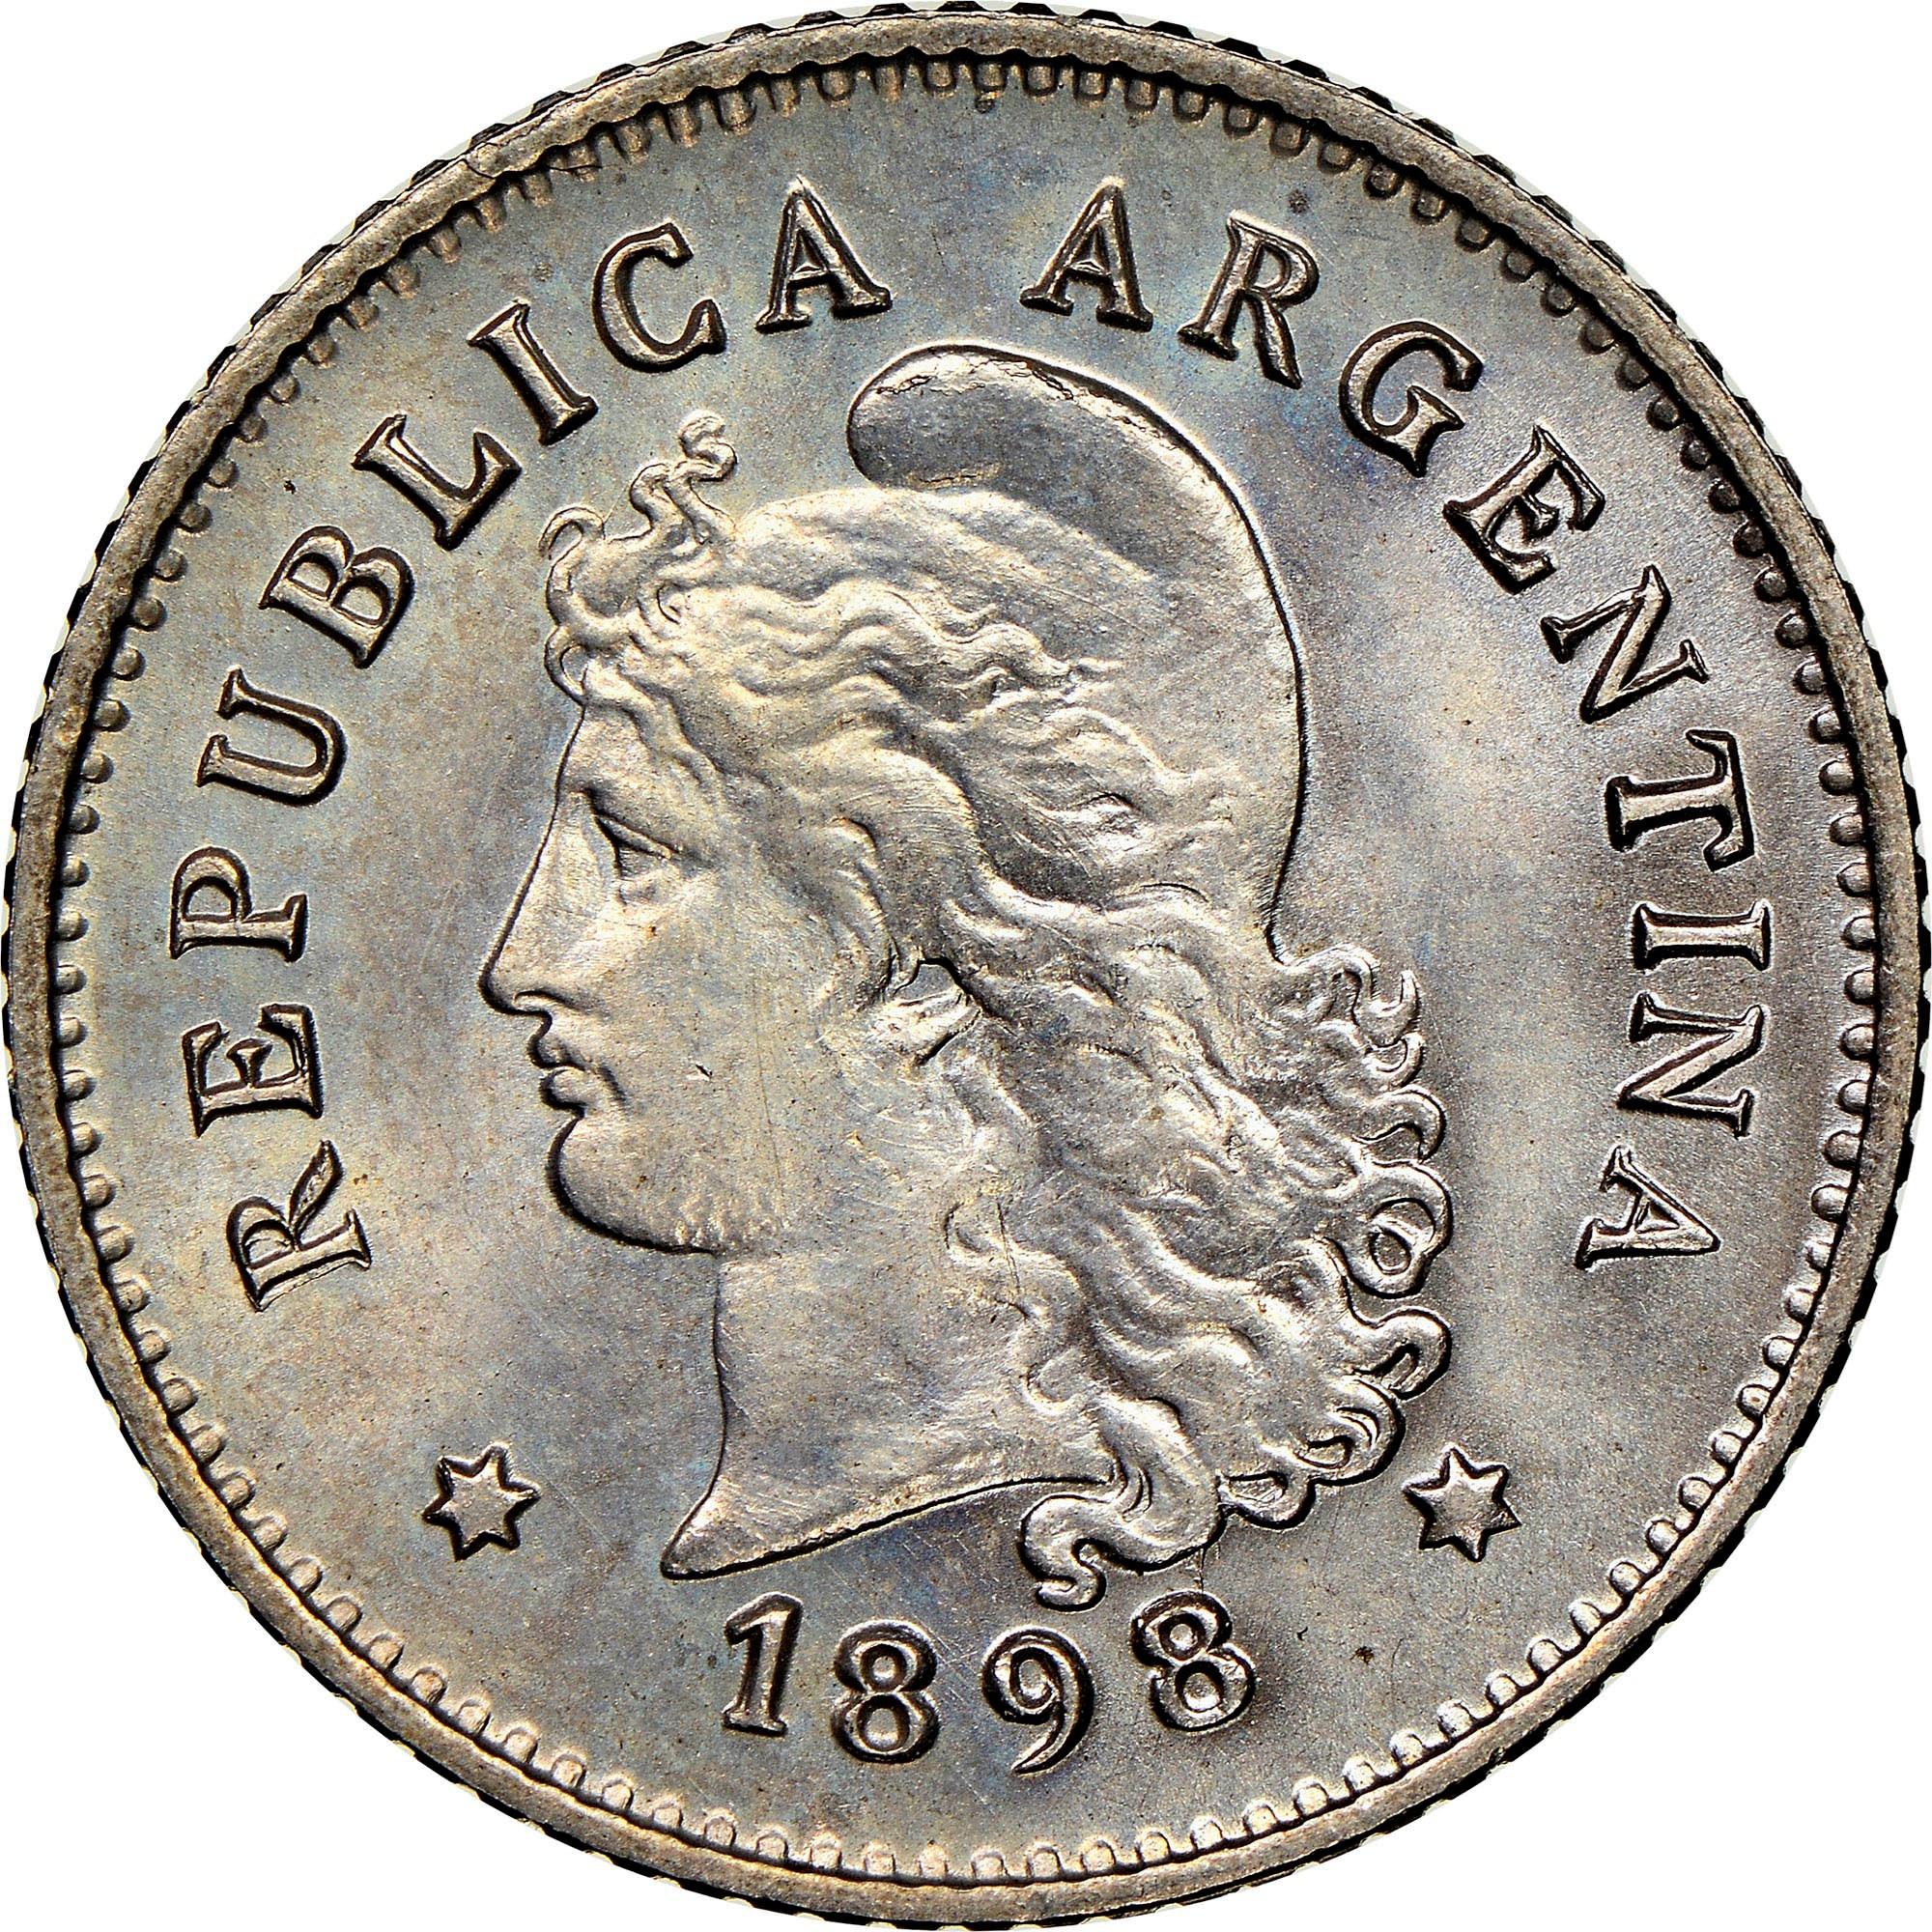 Argentina 10 Centavos obverse